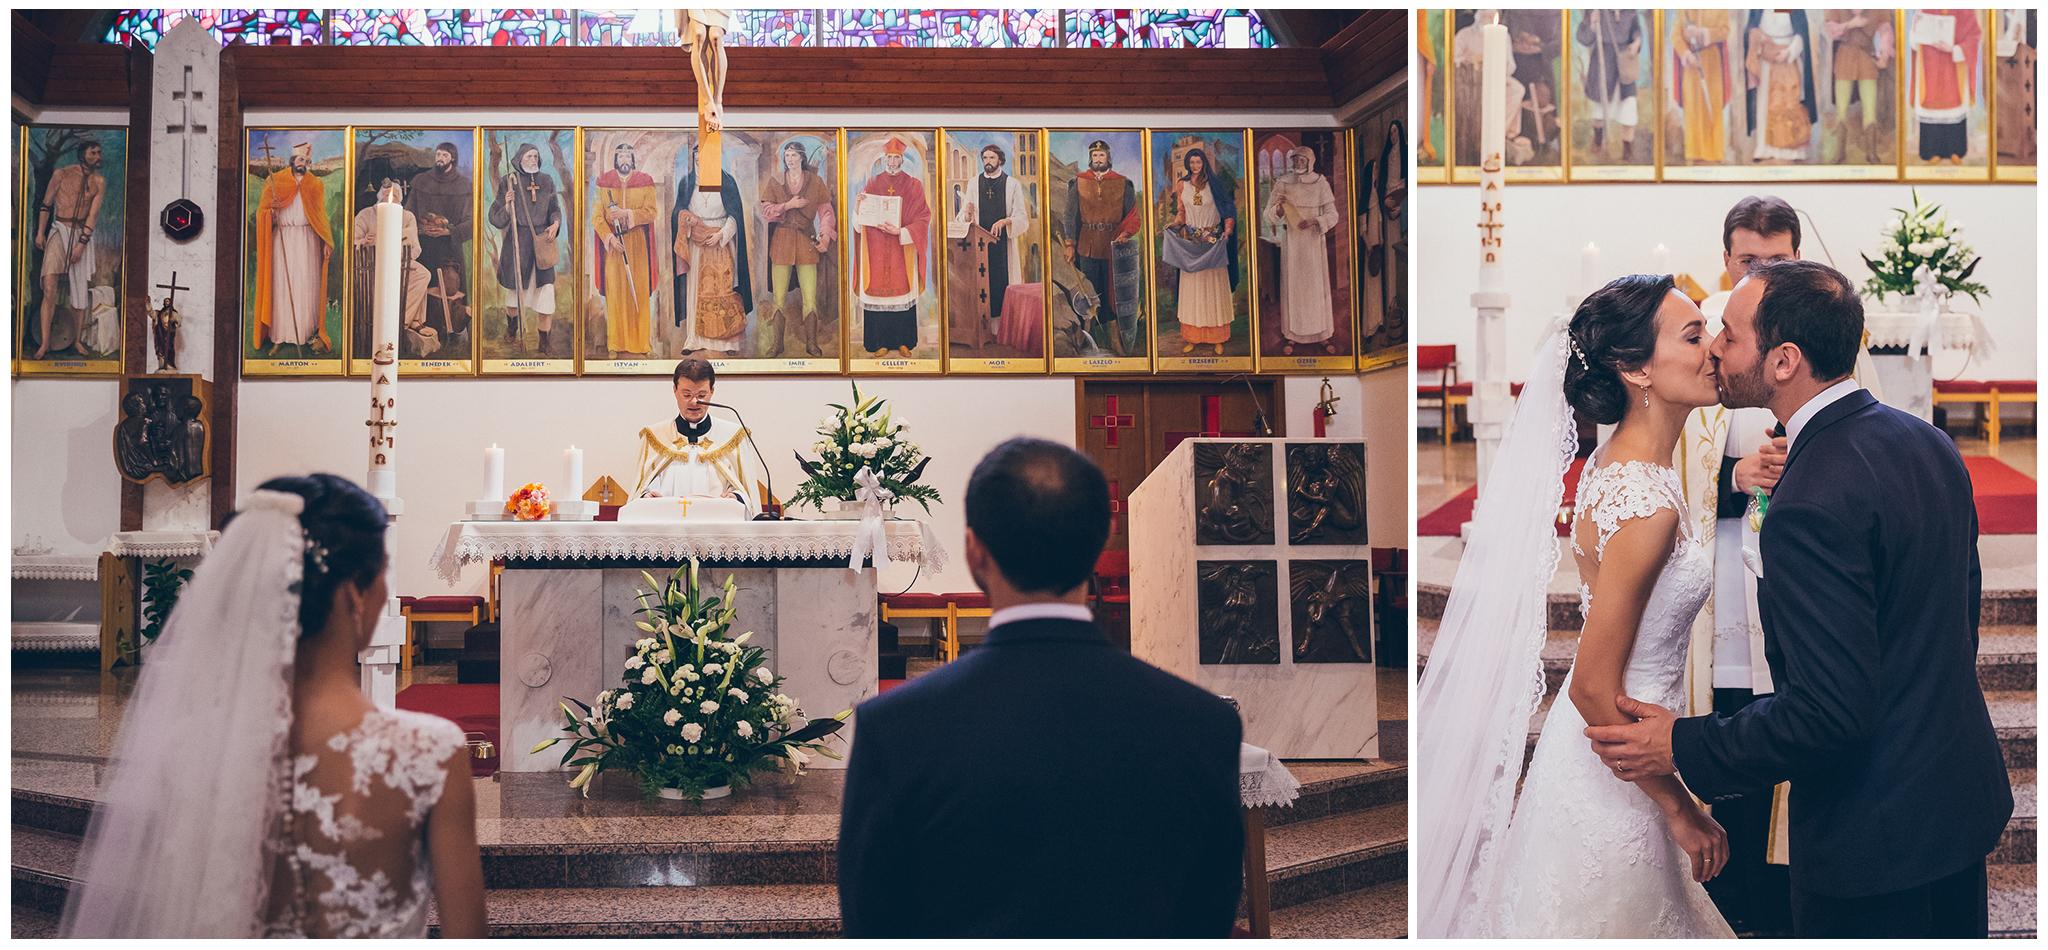 FylepPhoto, esküvőfotós, esküvői fotós Körmend, Szombathely, esküvőfotózás, magyarország, vas megye, prémium, jegyesfotózás, Fülöp Péter, körmend, kreatív, fotográfus_018..jpg